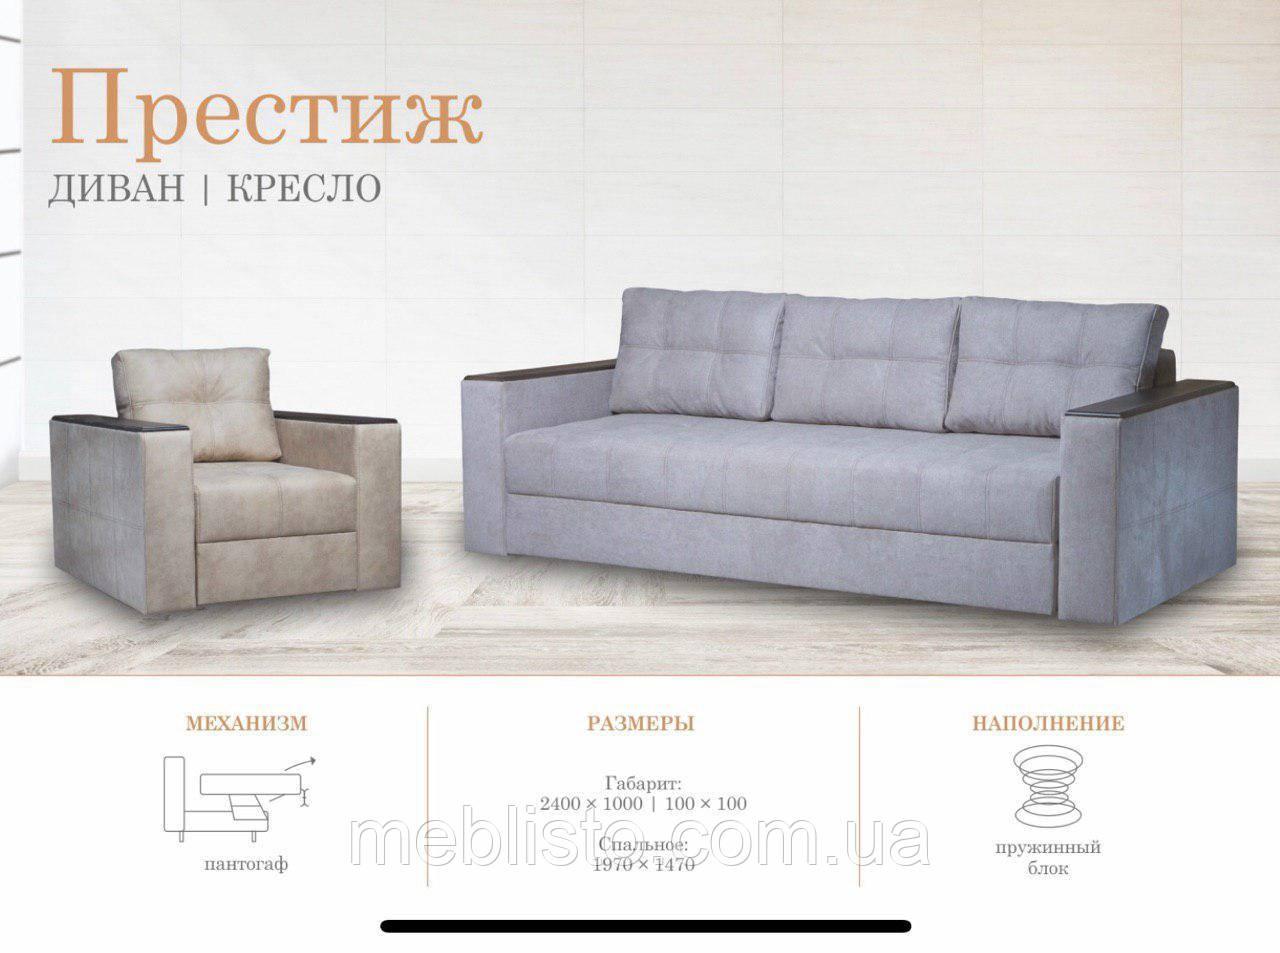 Диван Престиж, меблі Черкаси, куплить диван Київ, Вінниця